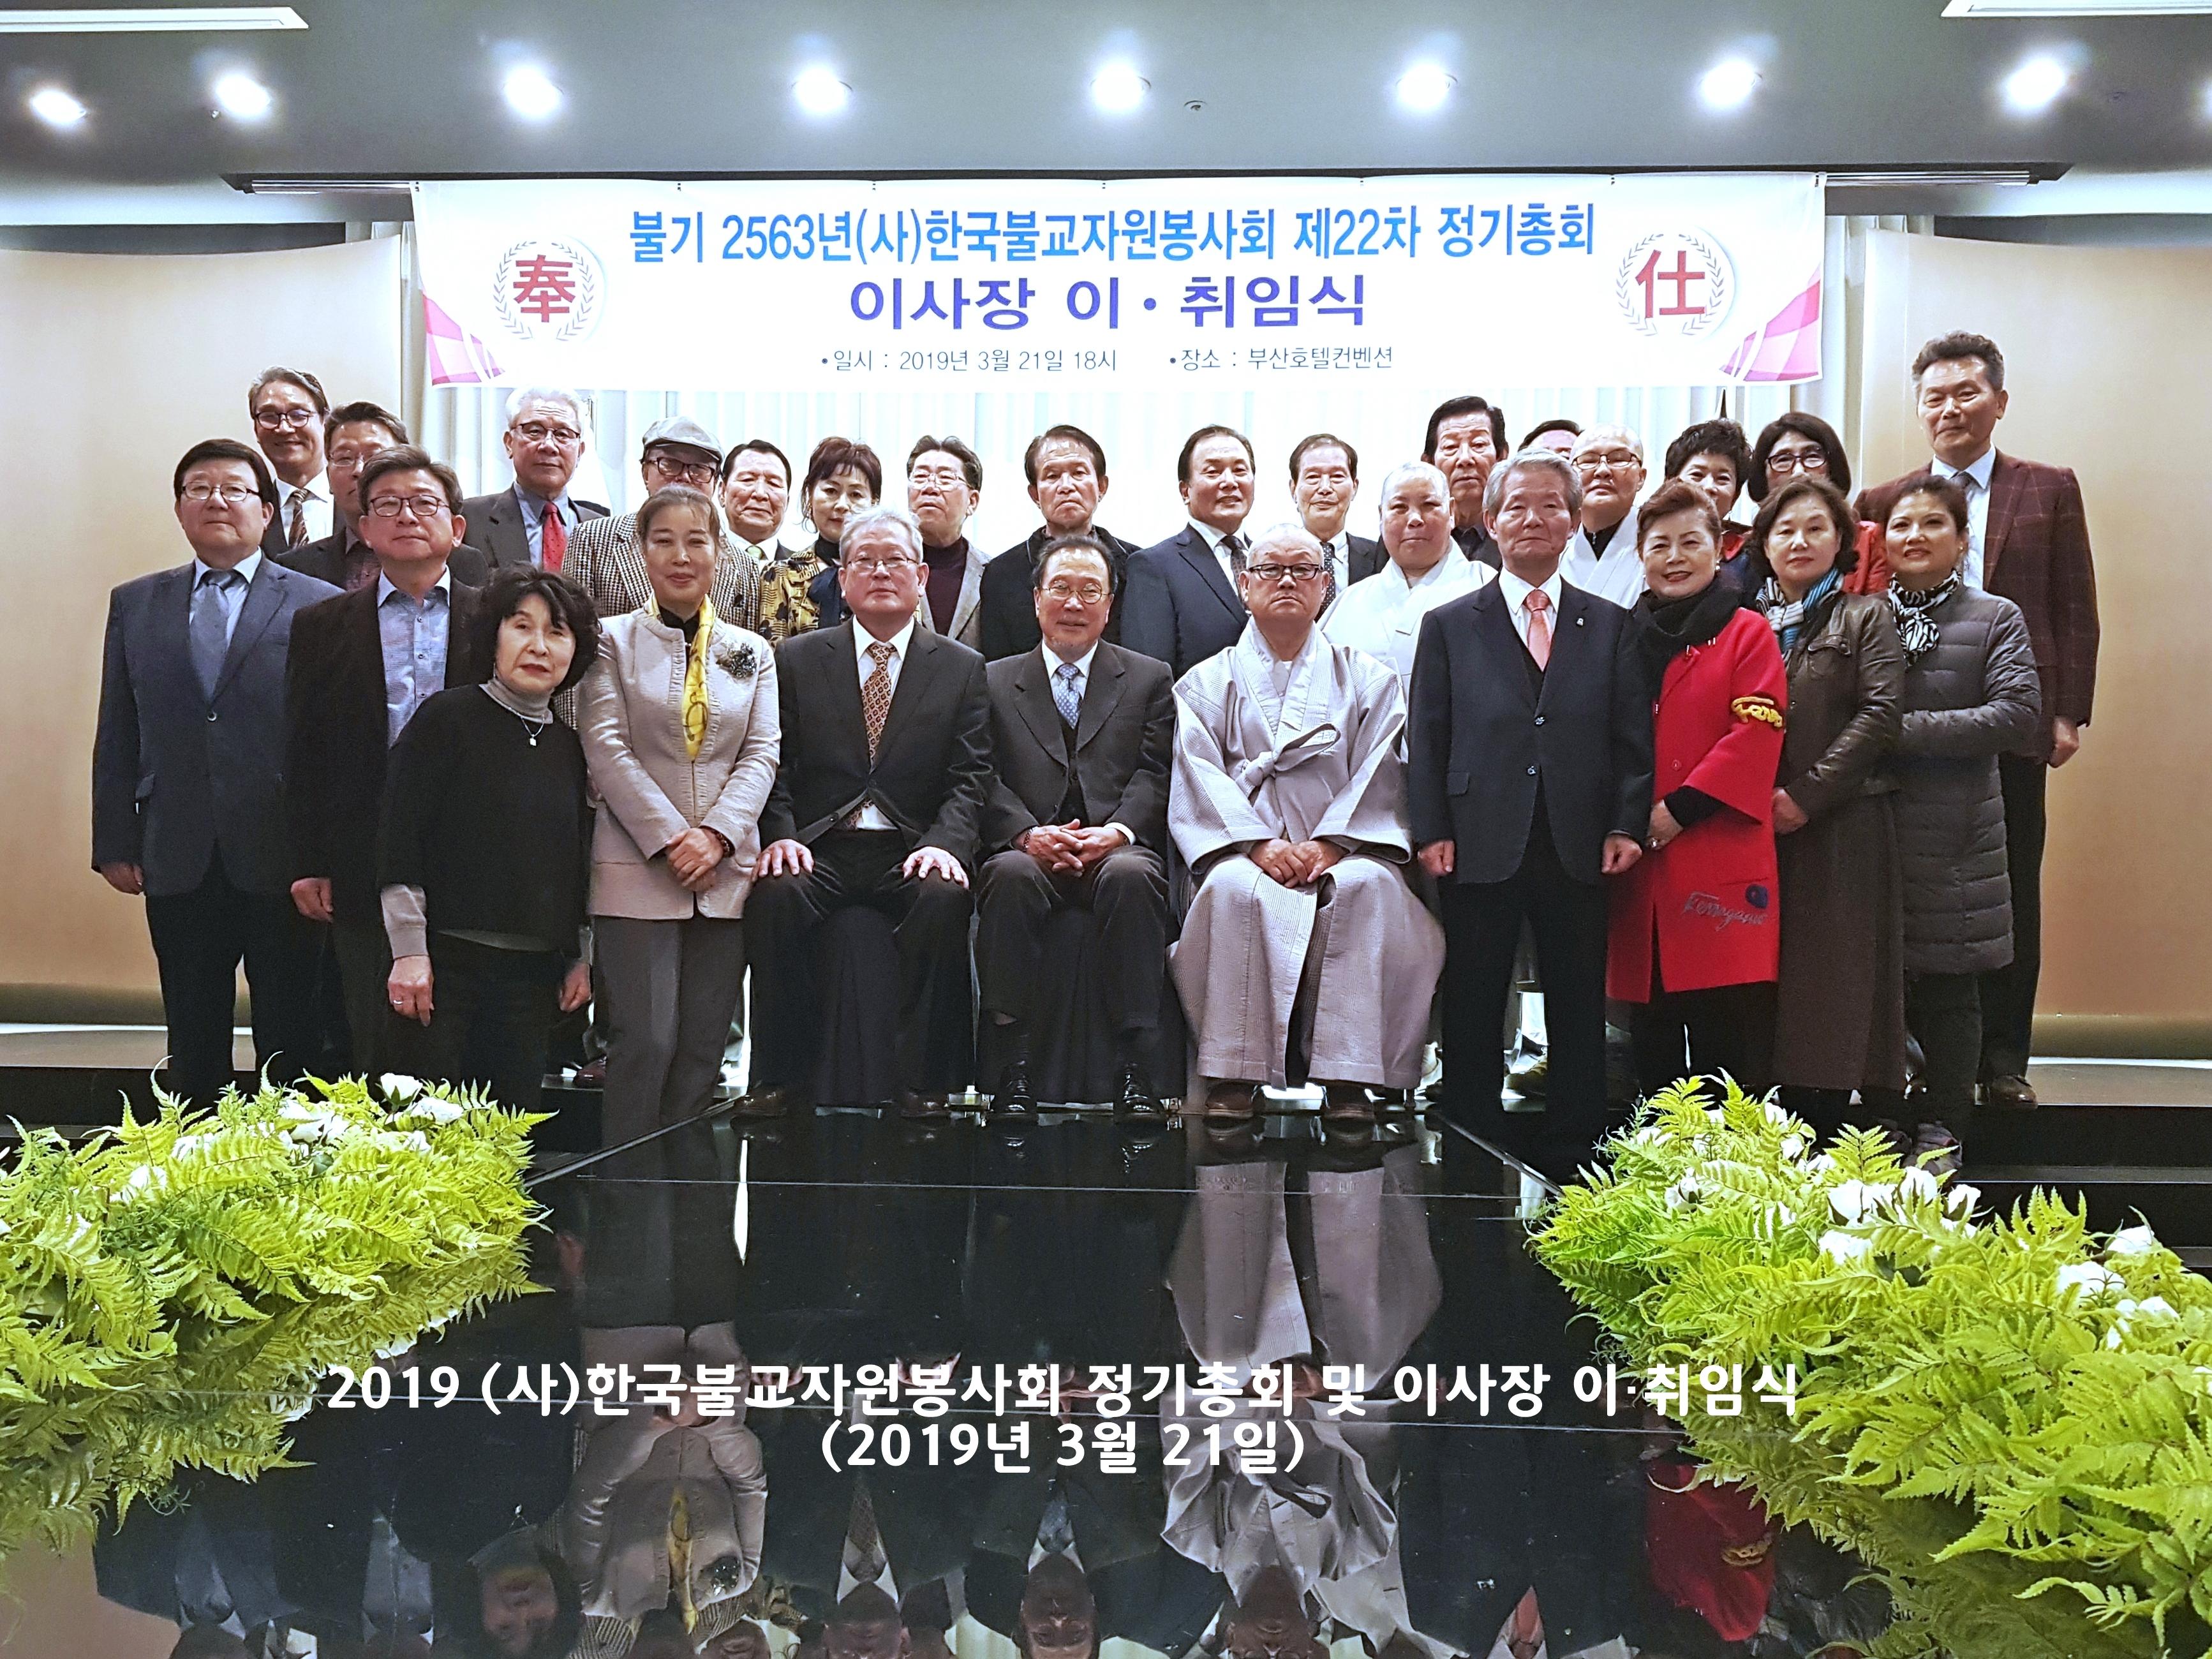 2019(사)한국불교자원봉사회 제22차 정기총회 및 이사장 이·취임식